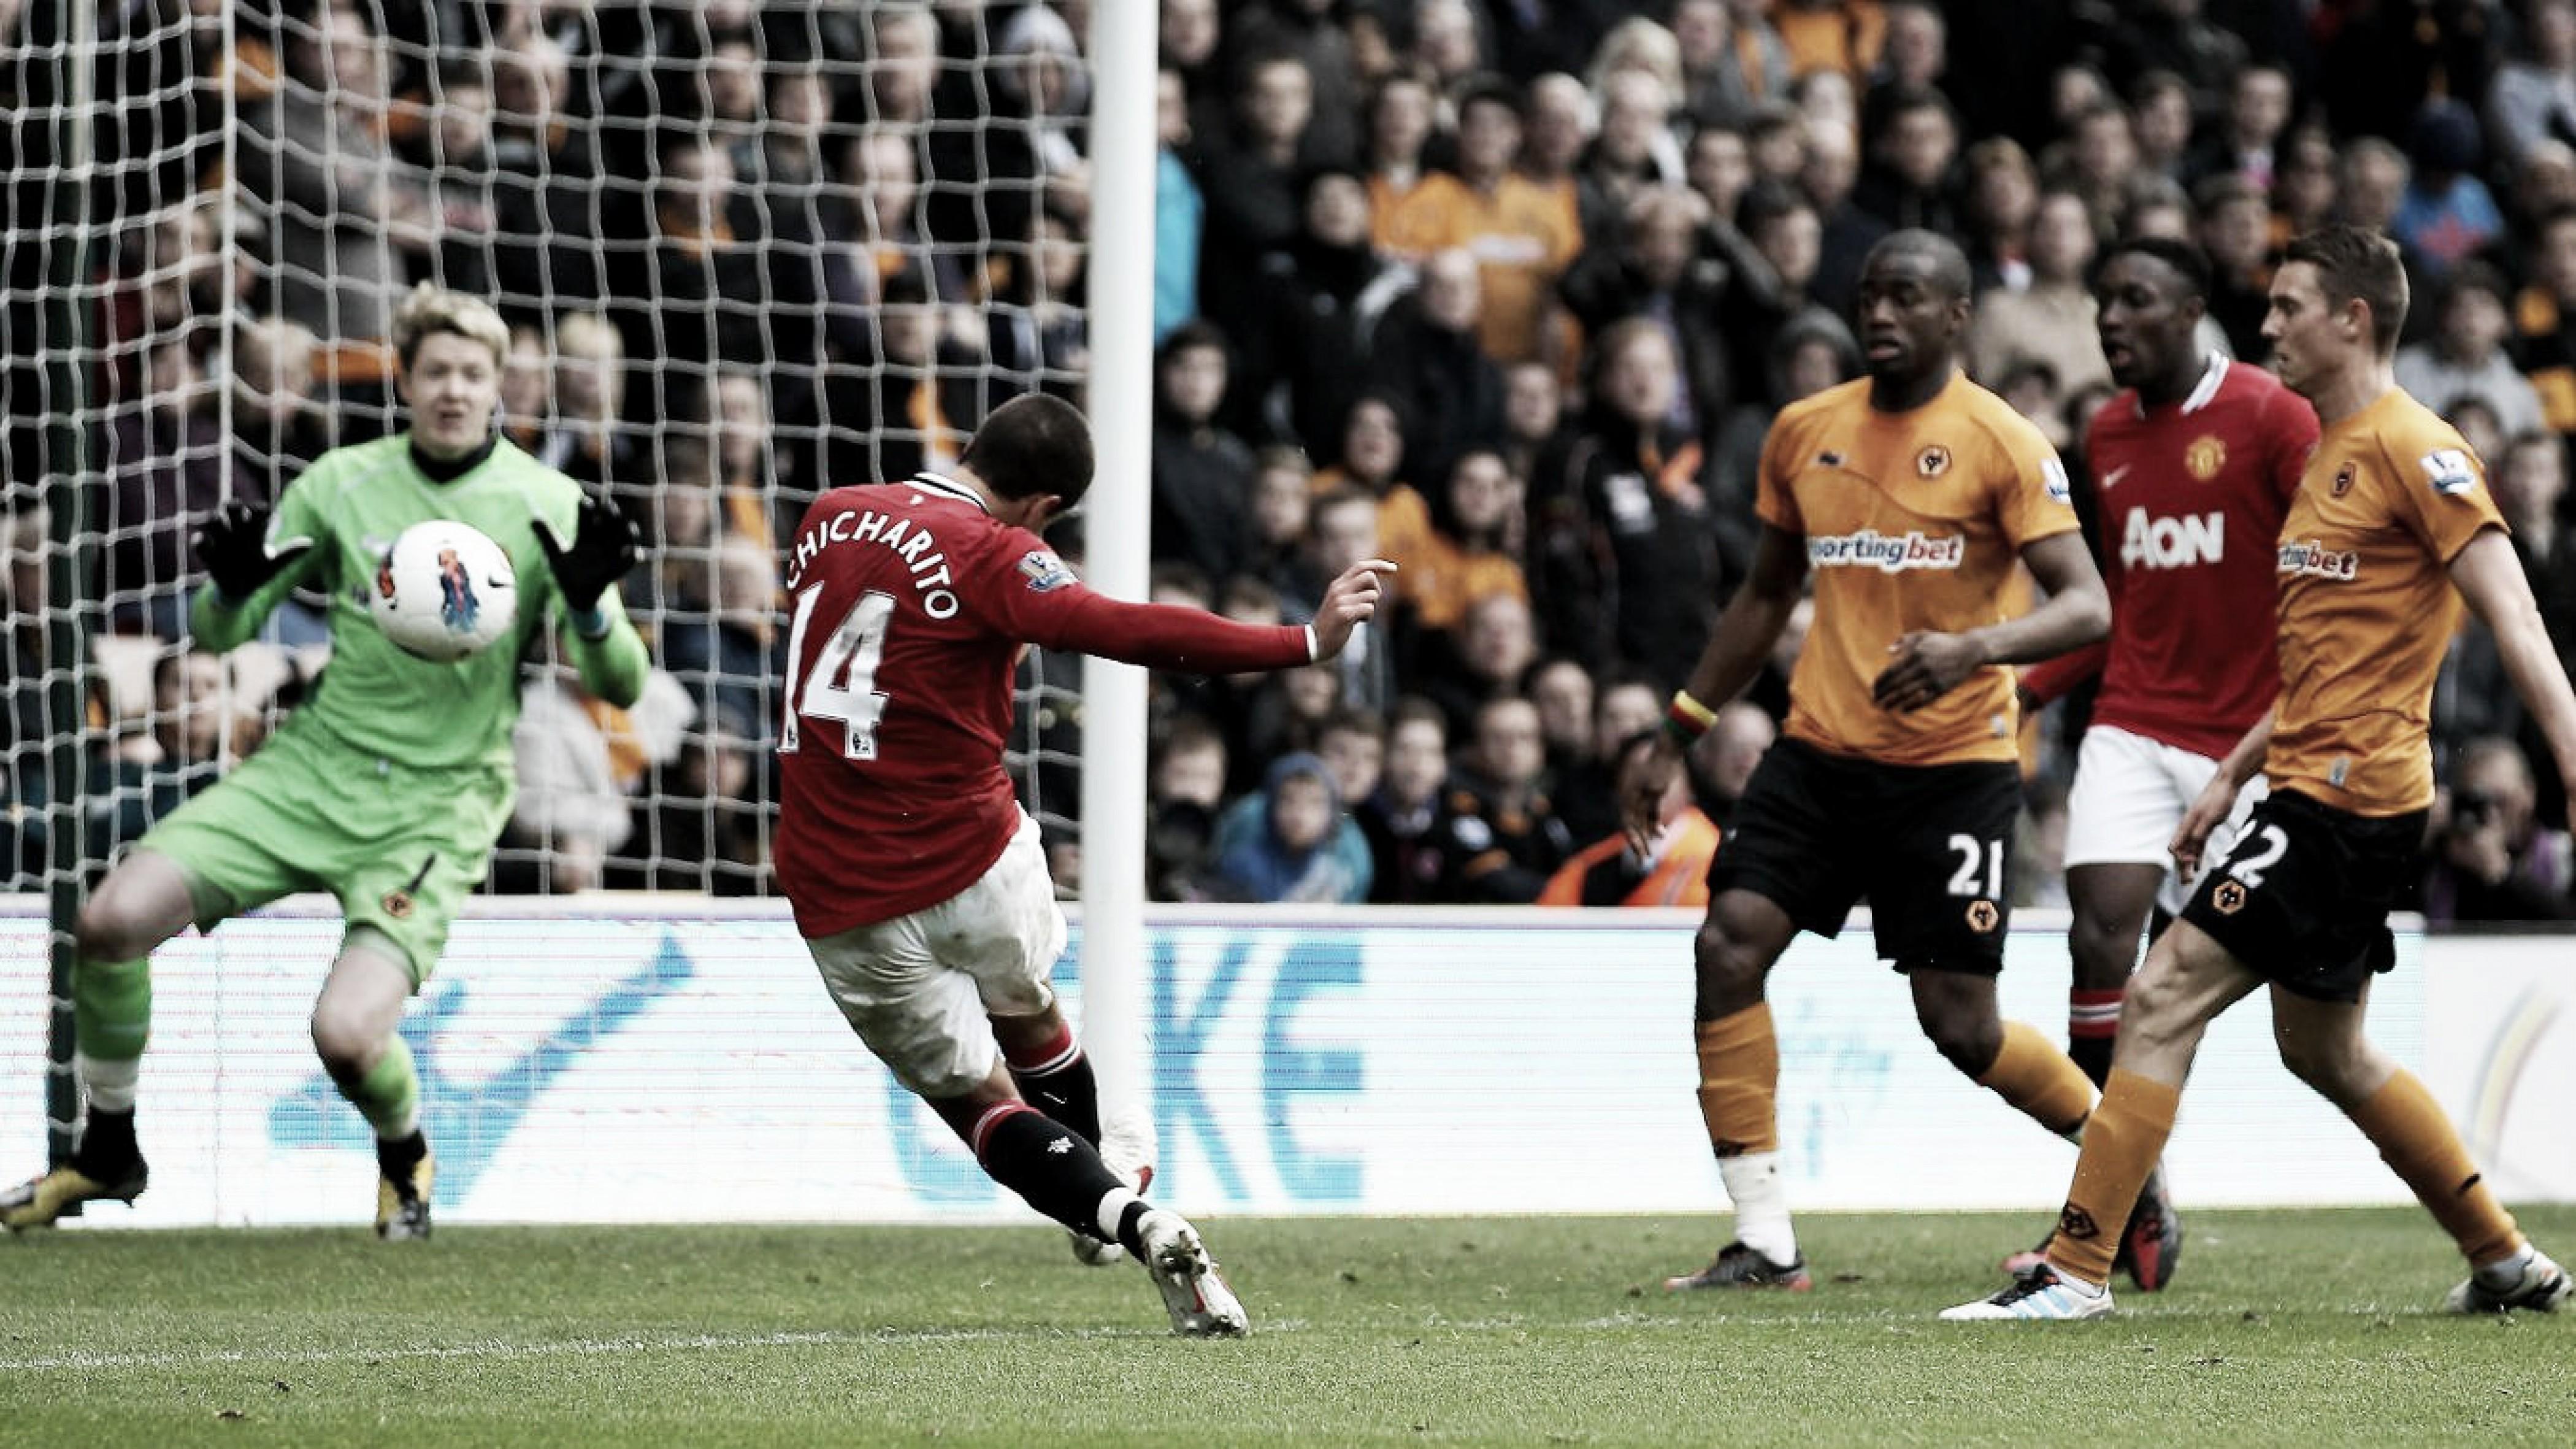 Resuemen Manchester United 1-1 Wolverhampton en Premier League 2018